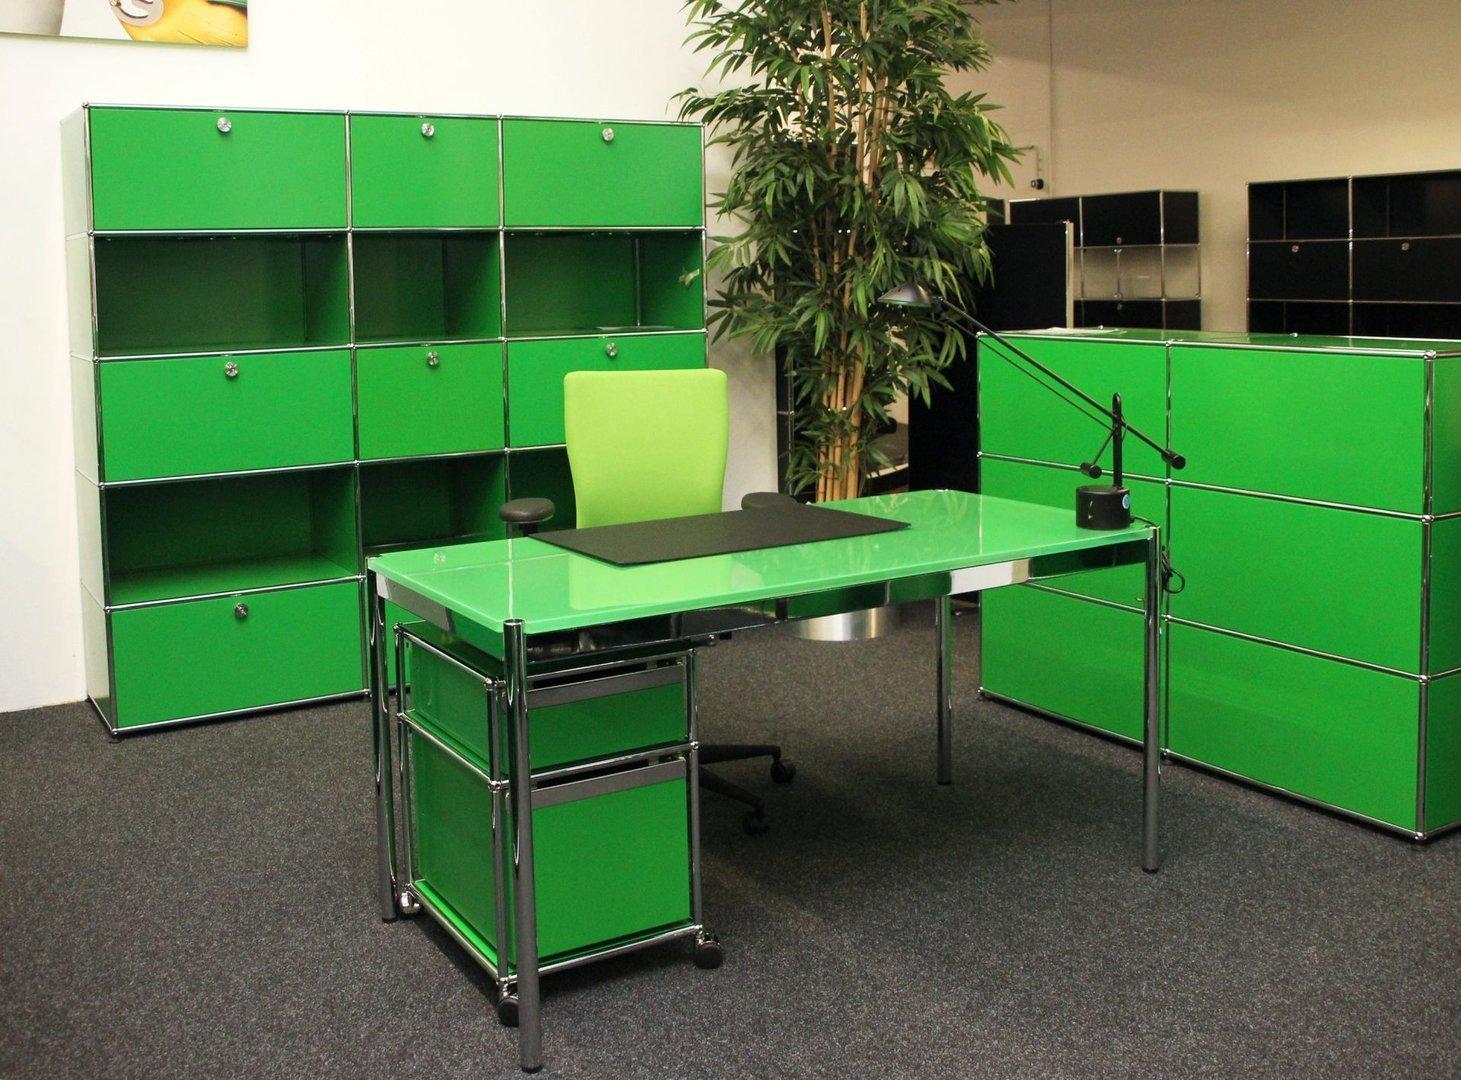 Usm haller glastisch schreibtisch 150 x 75 cm for Schreibtisch 150